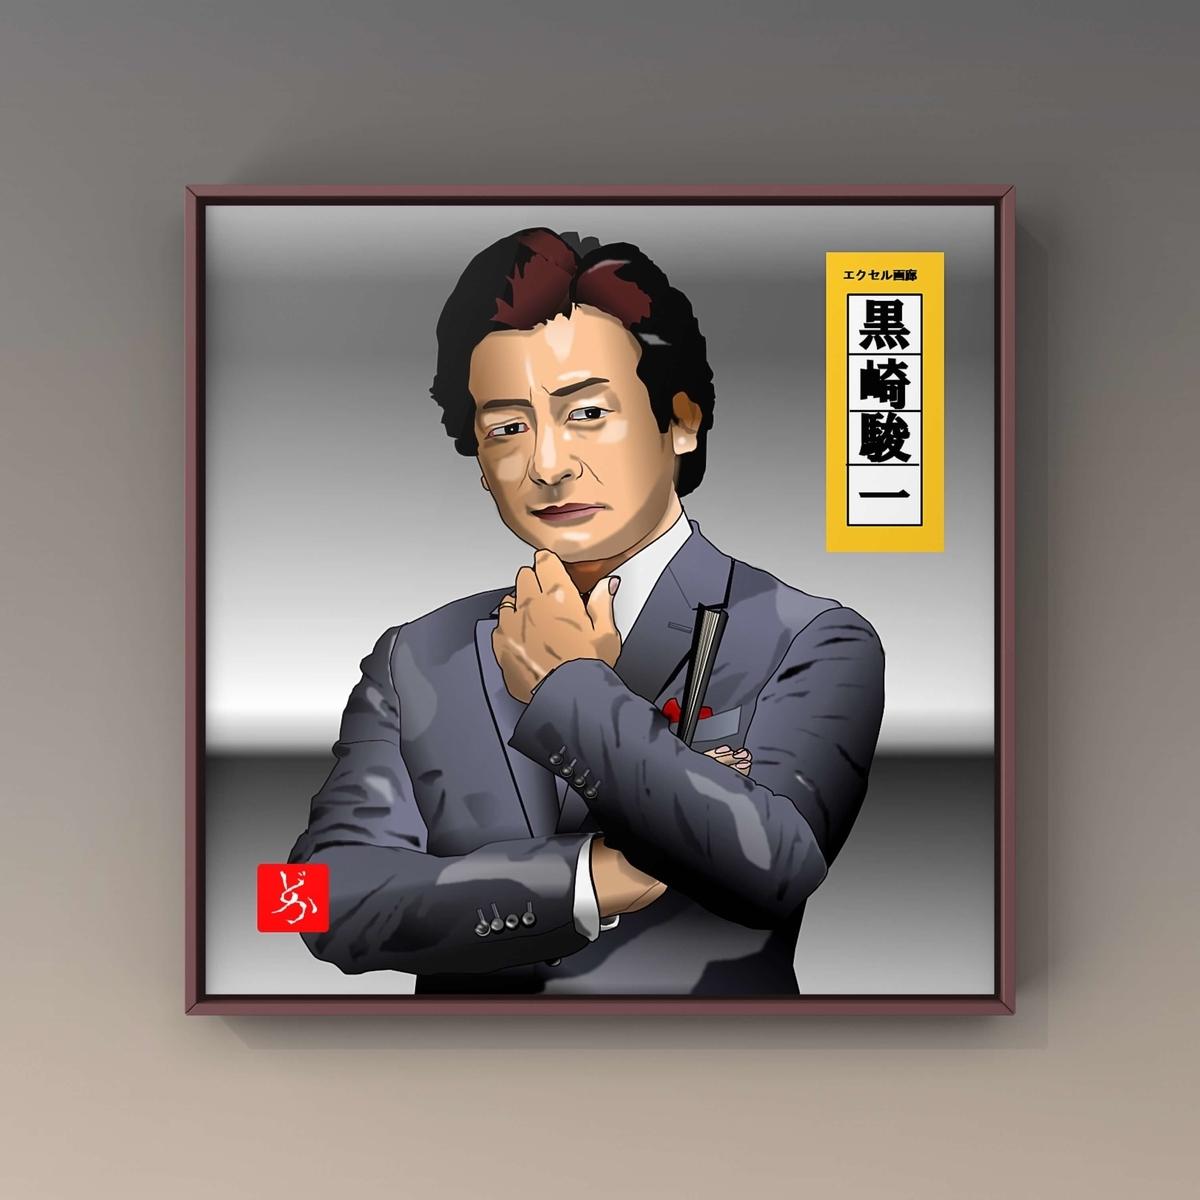 半沢直樹の黒崎検査官@片岡愛之助のエクセル画イラスト黒崎額装版